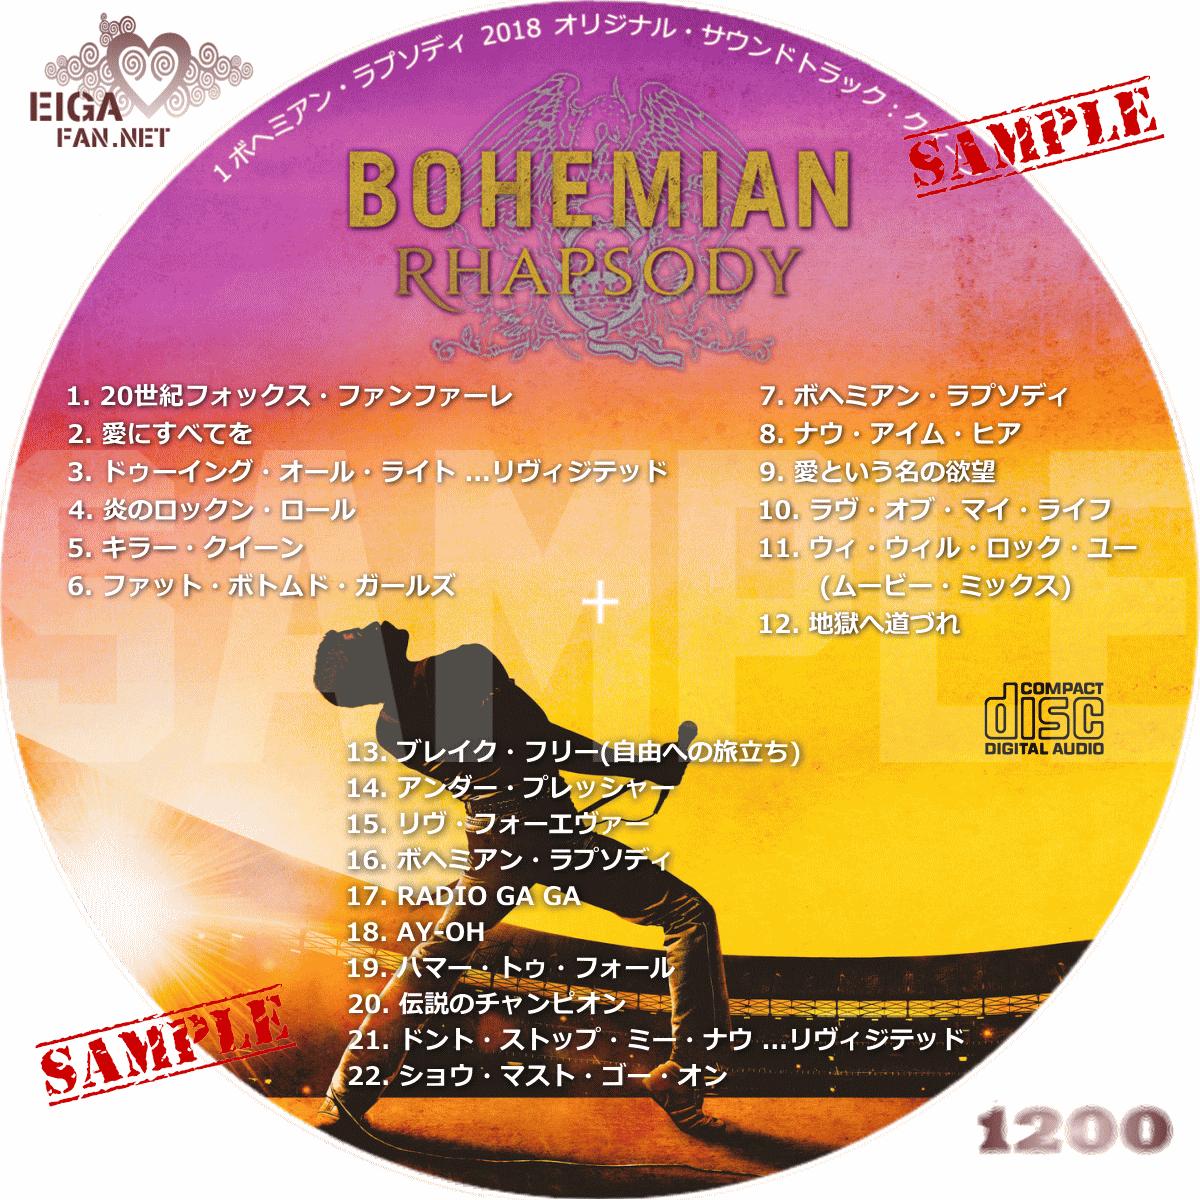 ボヘミアン・ラプソディ 映画のサウンドトラックCDラベル